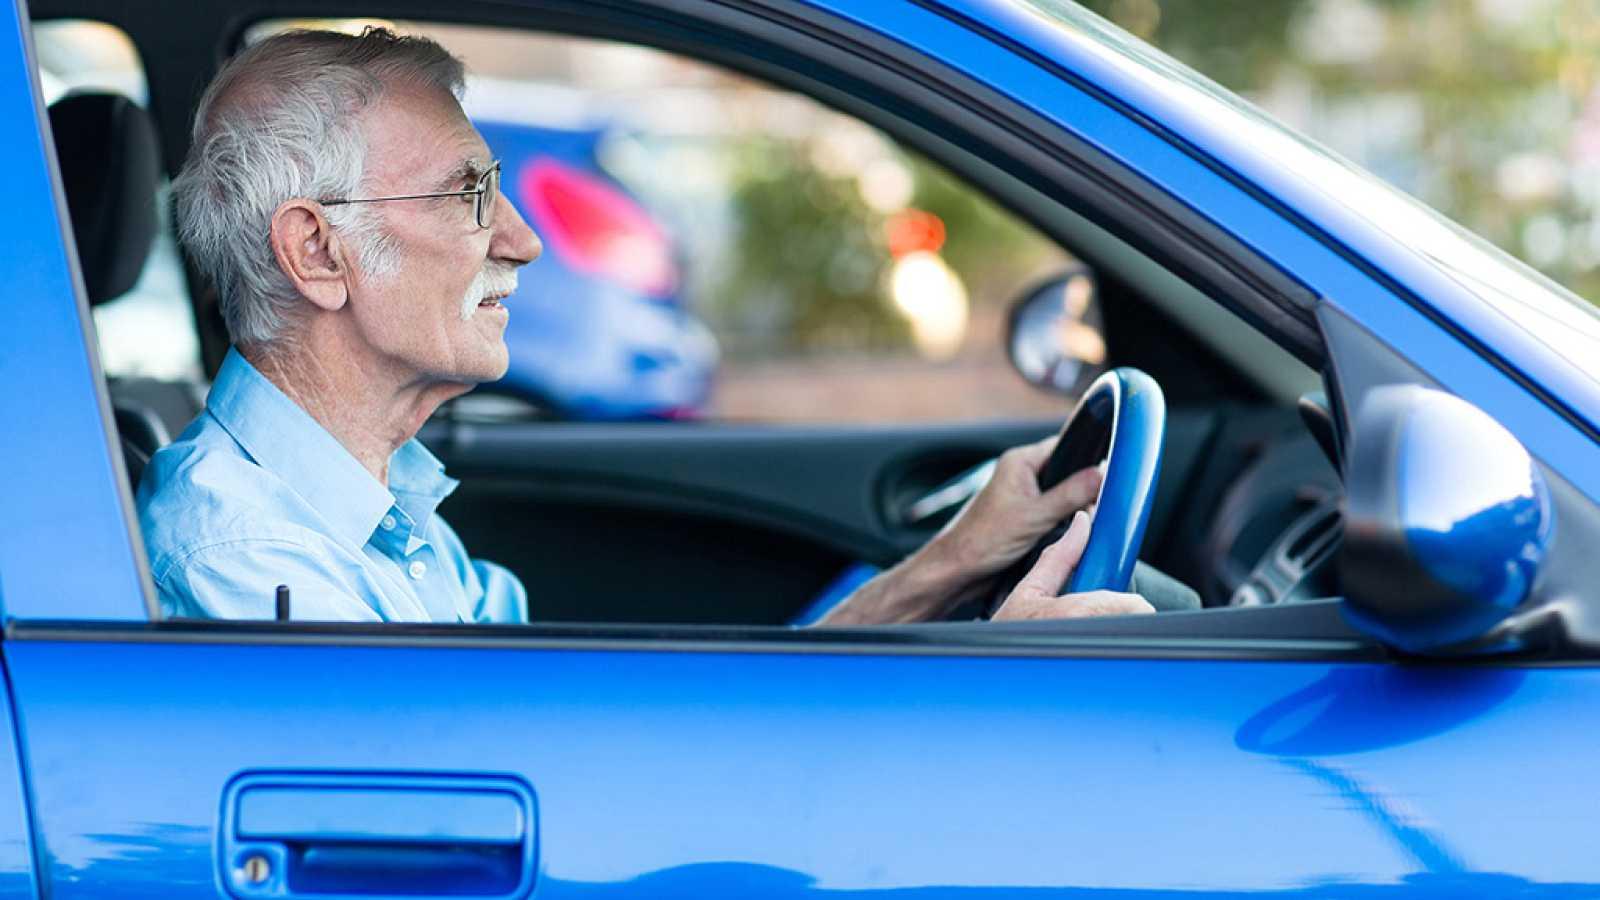 Los mayores tienen menos accidentes que los jóvenes, según el estudio de una aseguradora